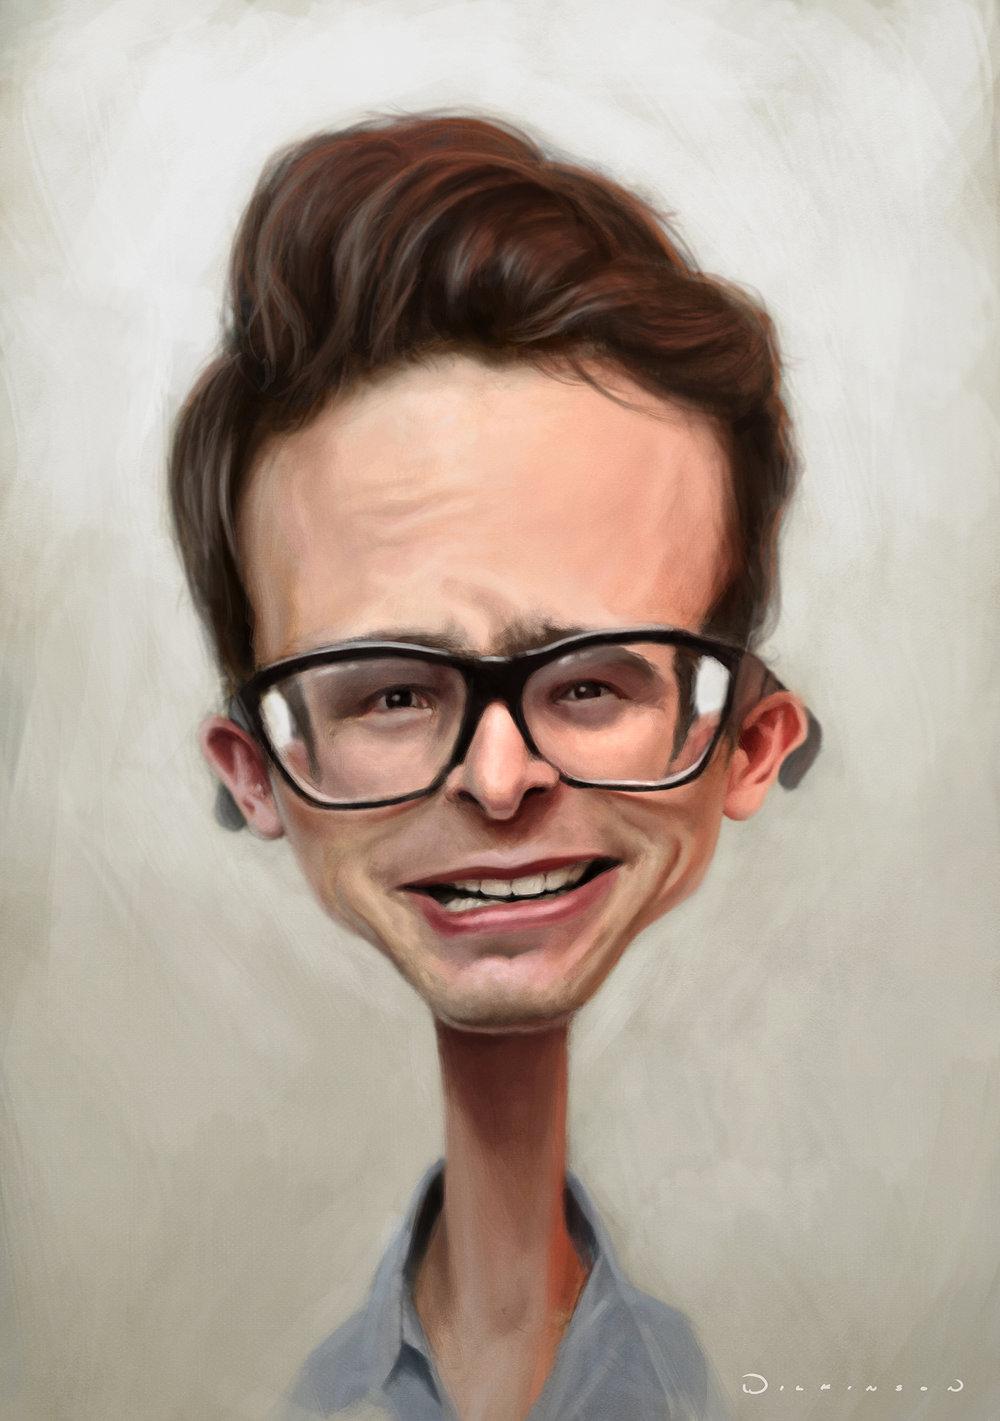 idubbbz Caricature